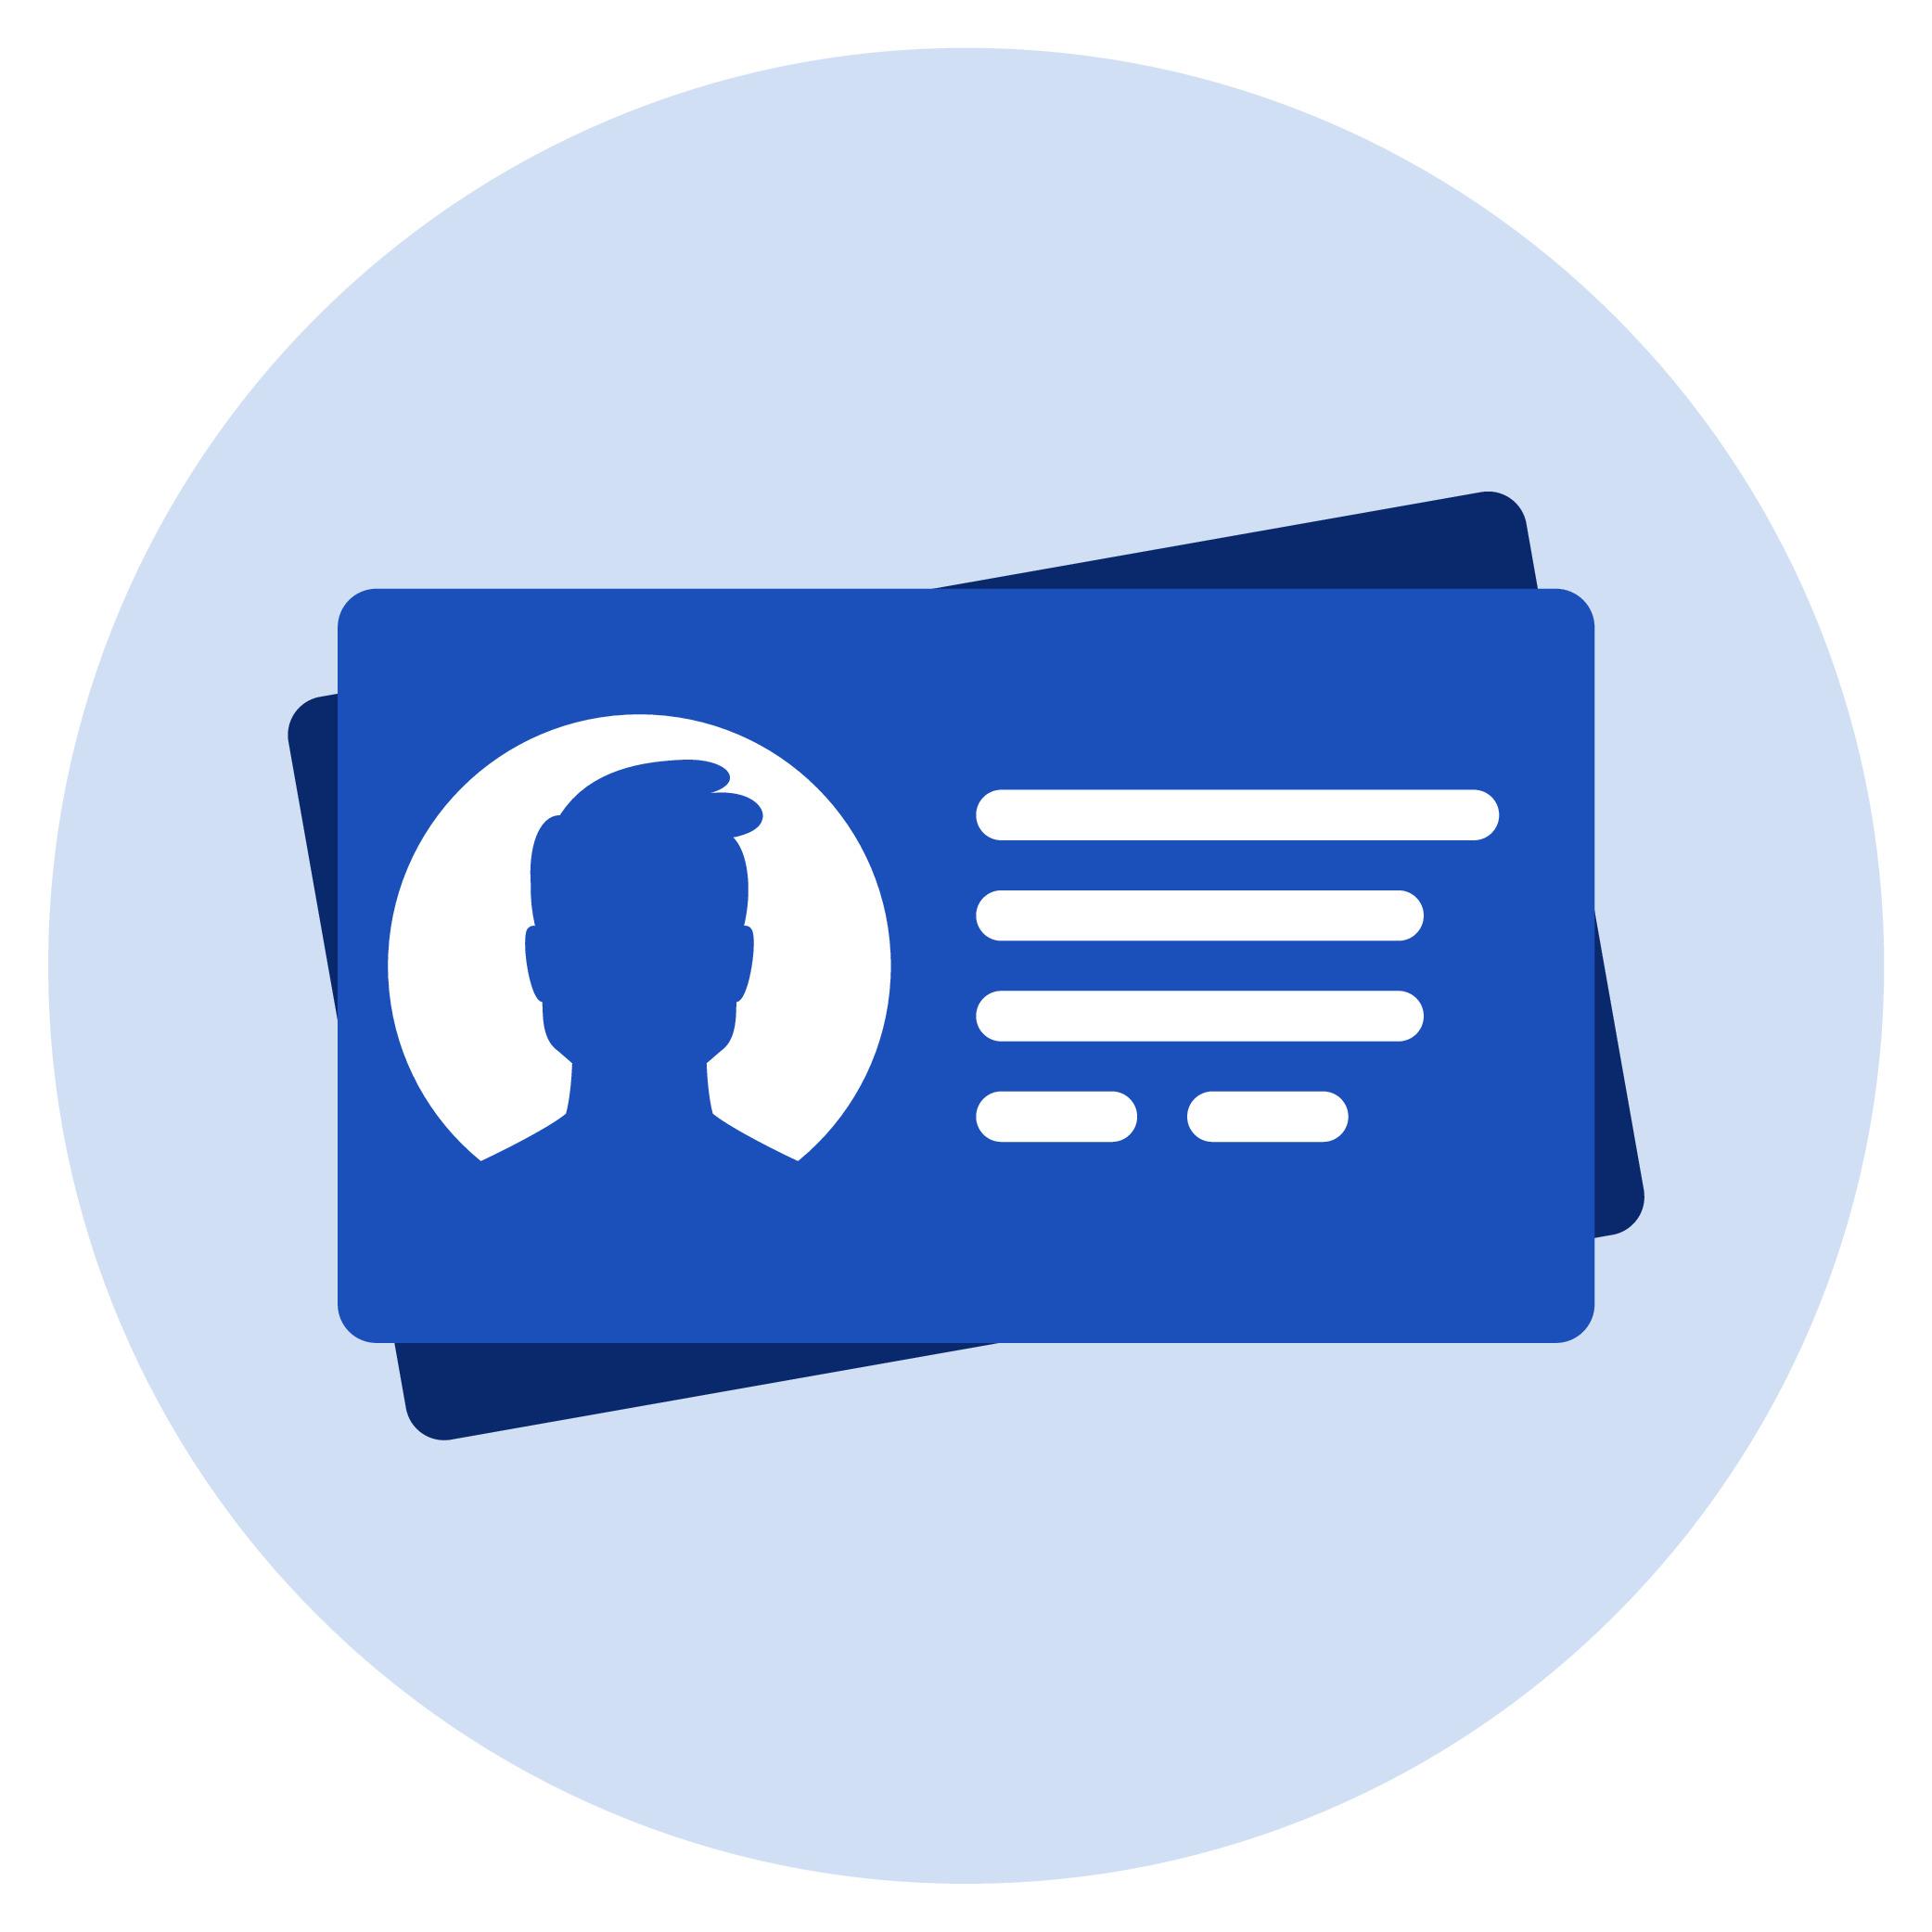 An ID card